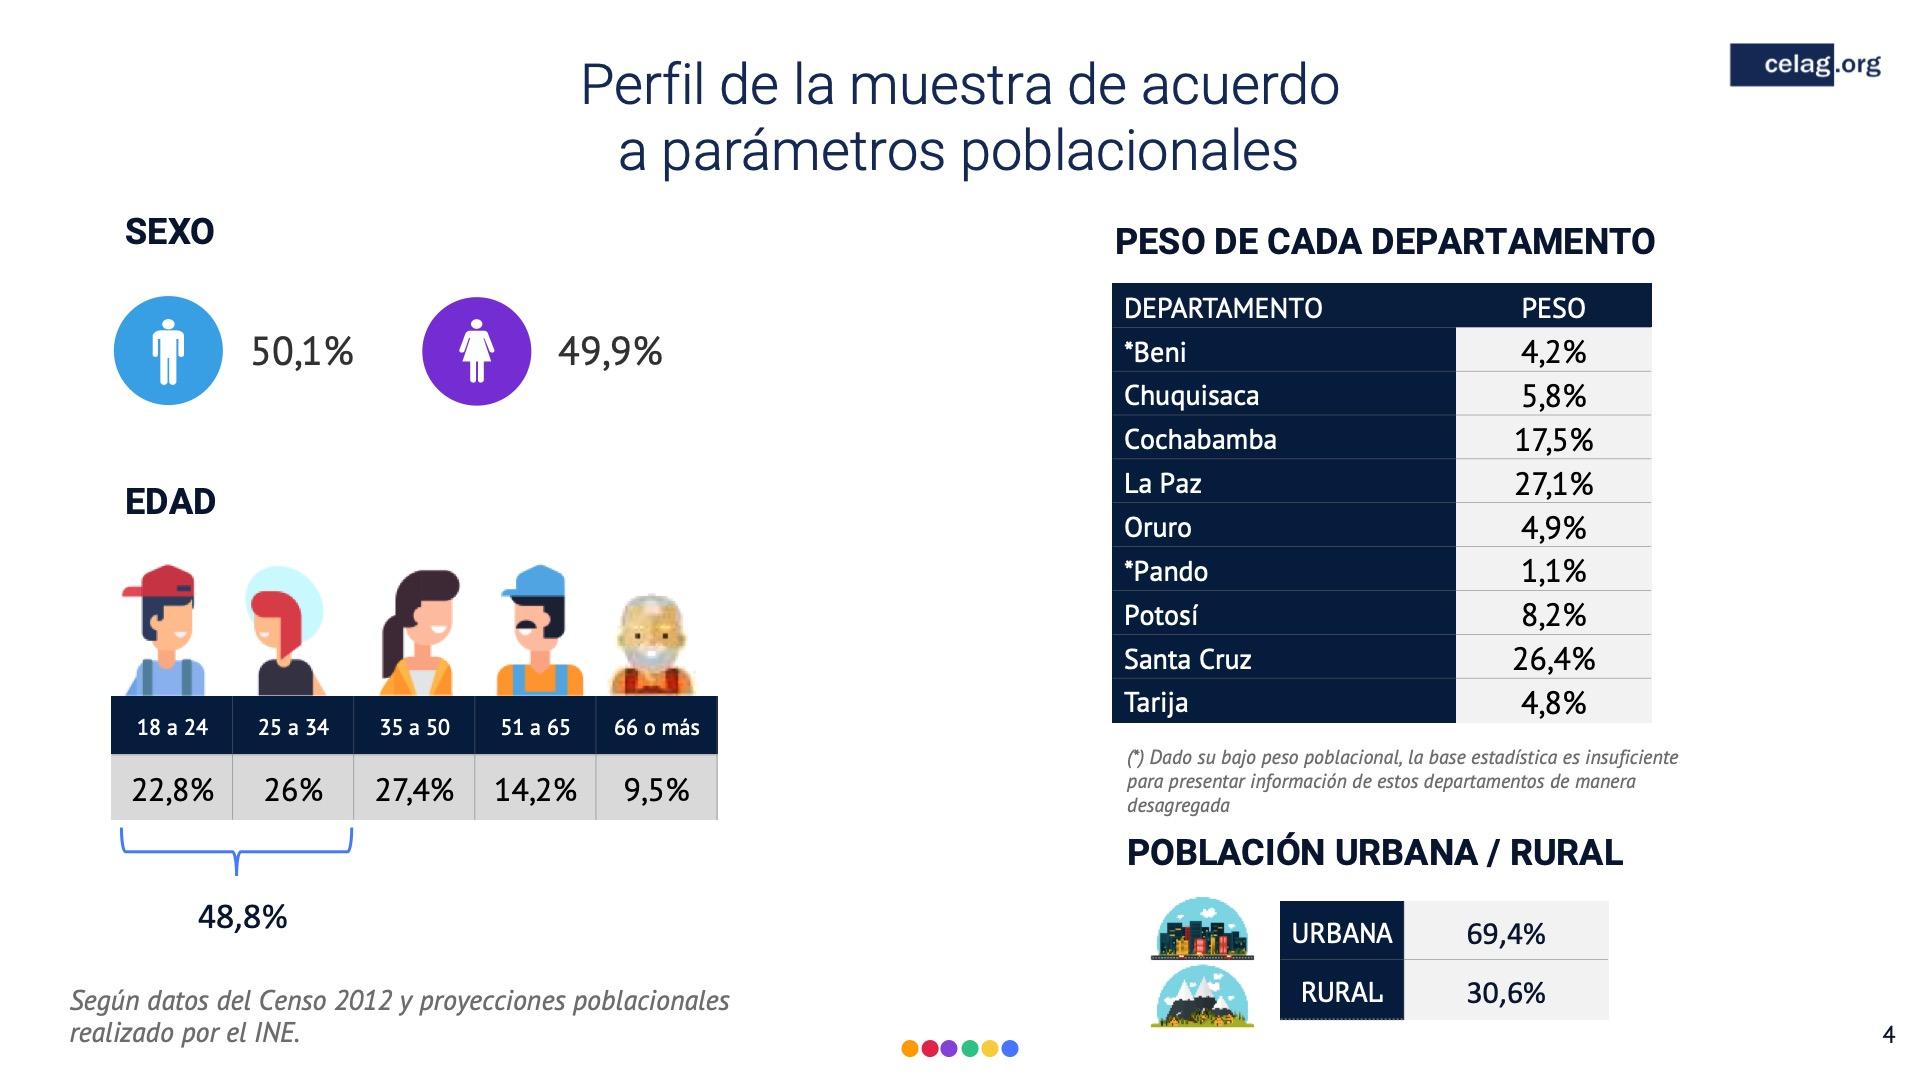 04 Elecciones bolivia perfile de la muestra